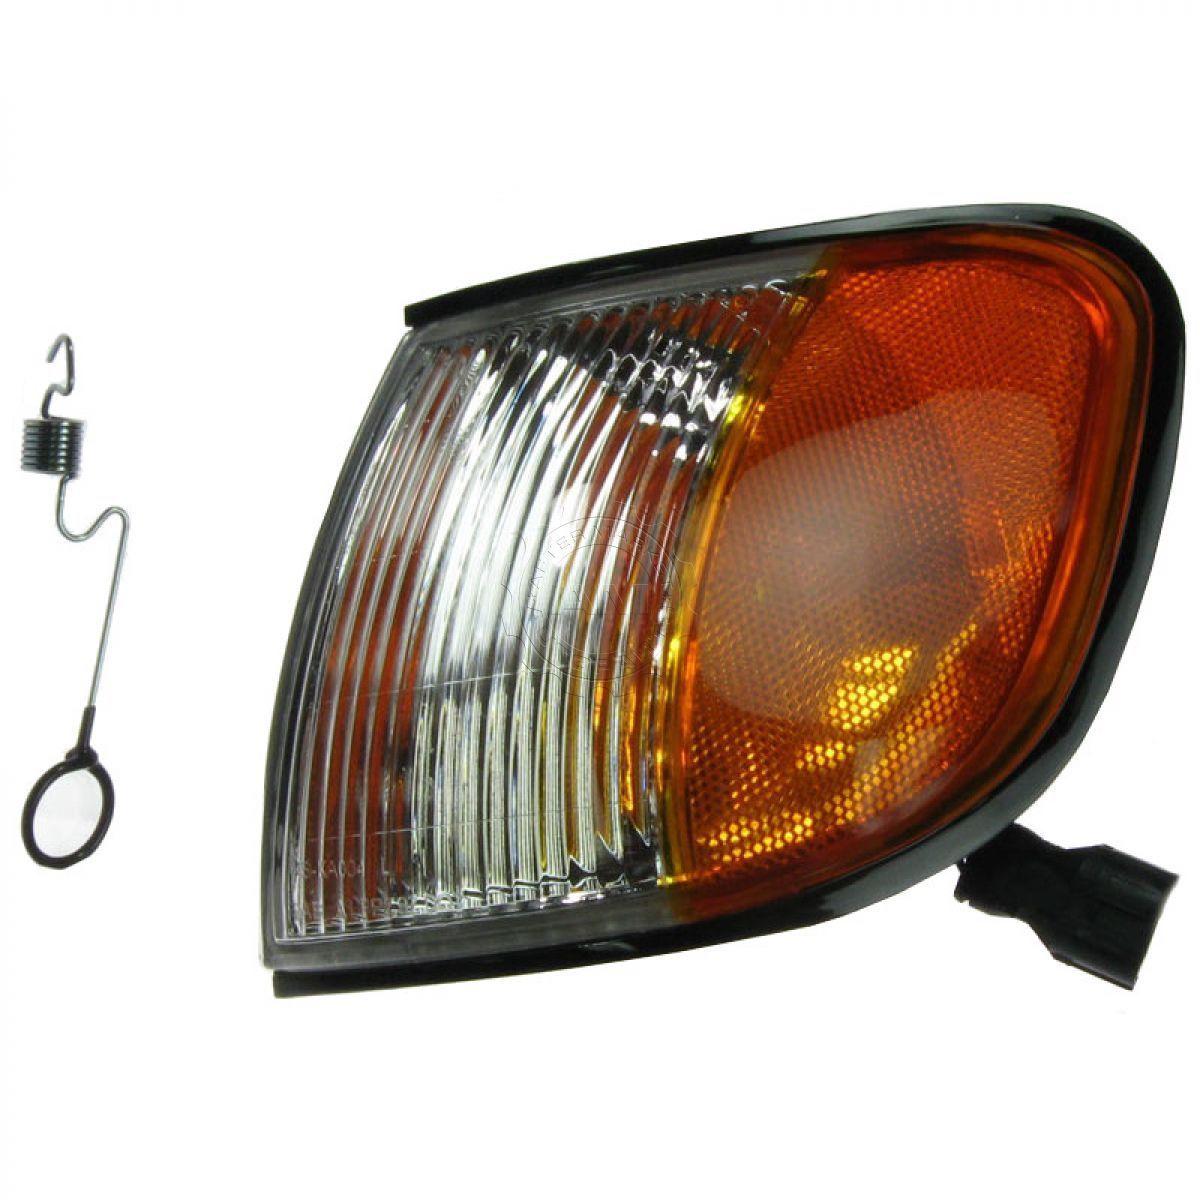 コーナーライト Turn Signal Corner Parking Marker Lamp Light Left Driver Side For 01-02 Sportage ターンシグナル・コーナー・パーキング・マーカー・ランプライト・ライト・ドライバー・サイド01-02 Sportage